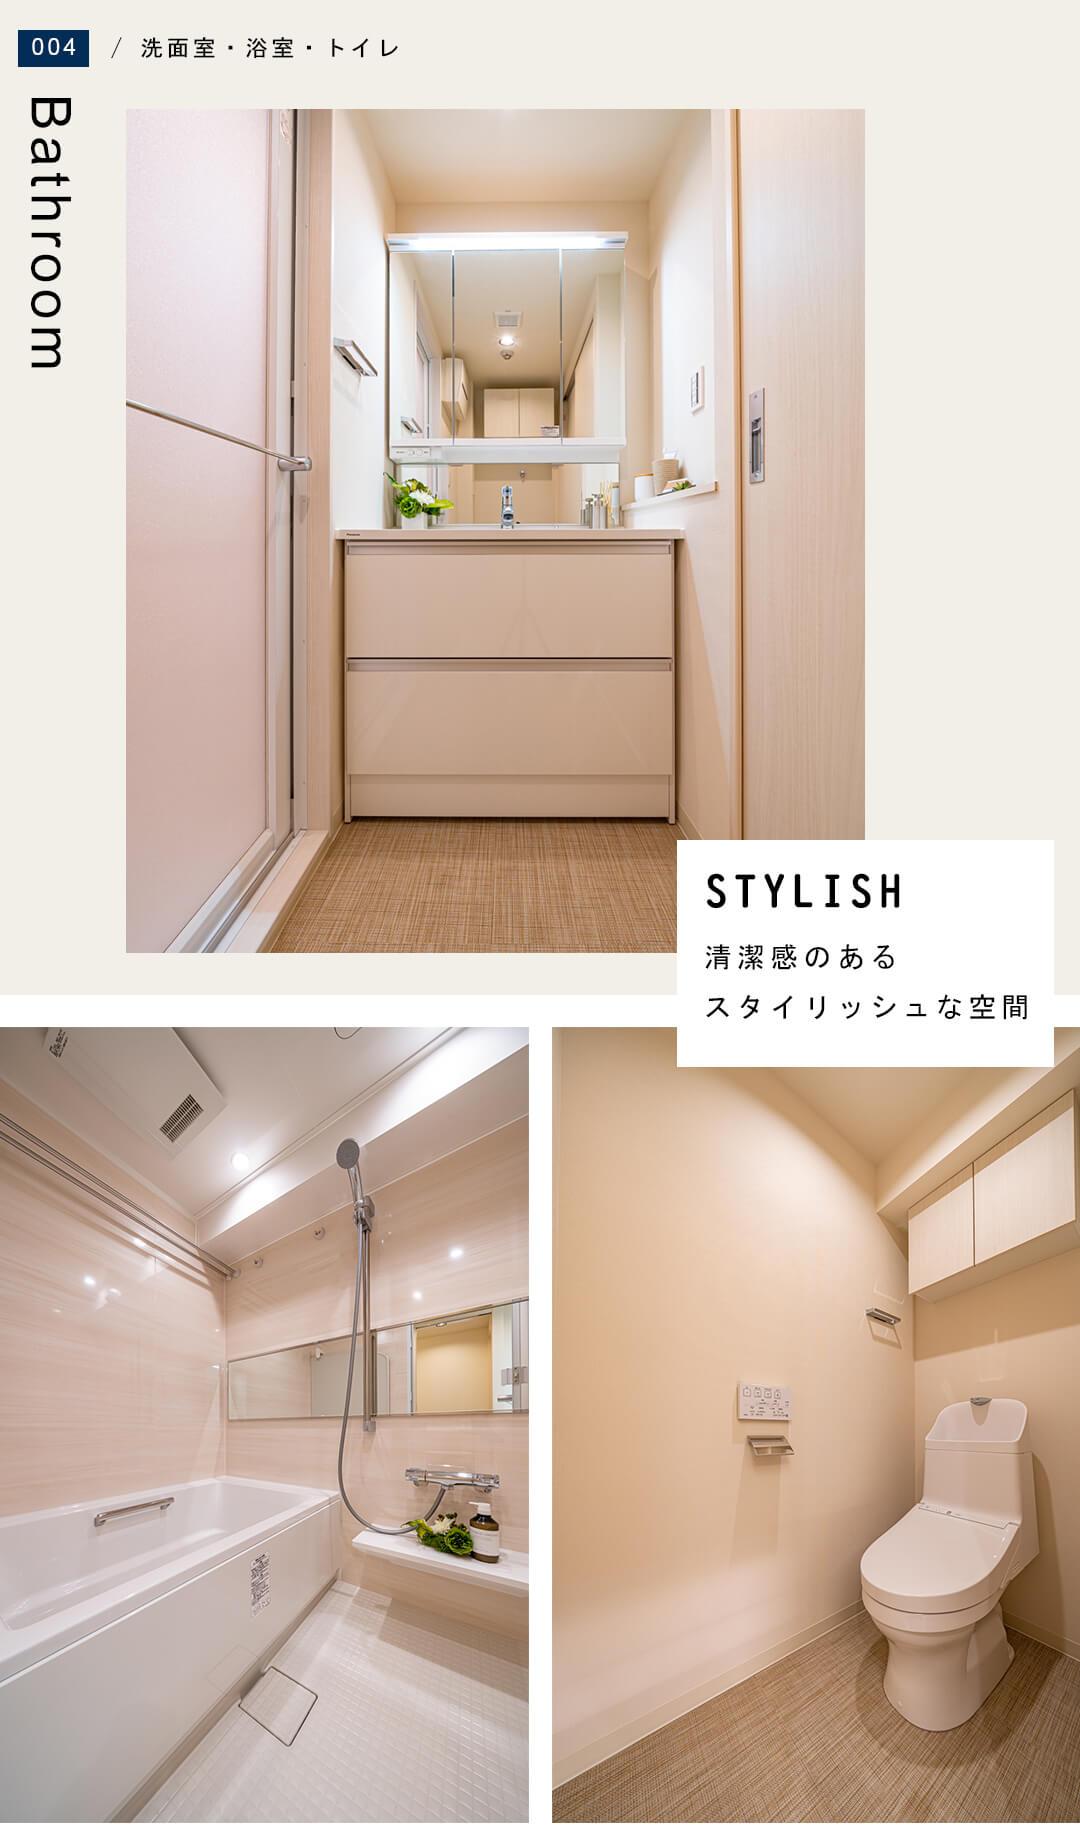 ヴィンテージ文京千石の洗面室と浴室とトイレ